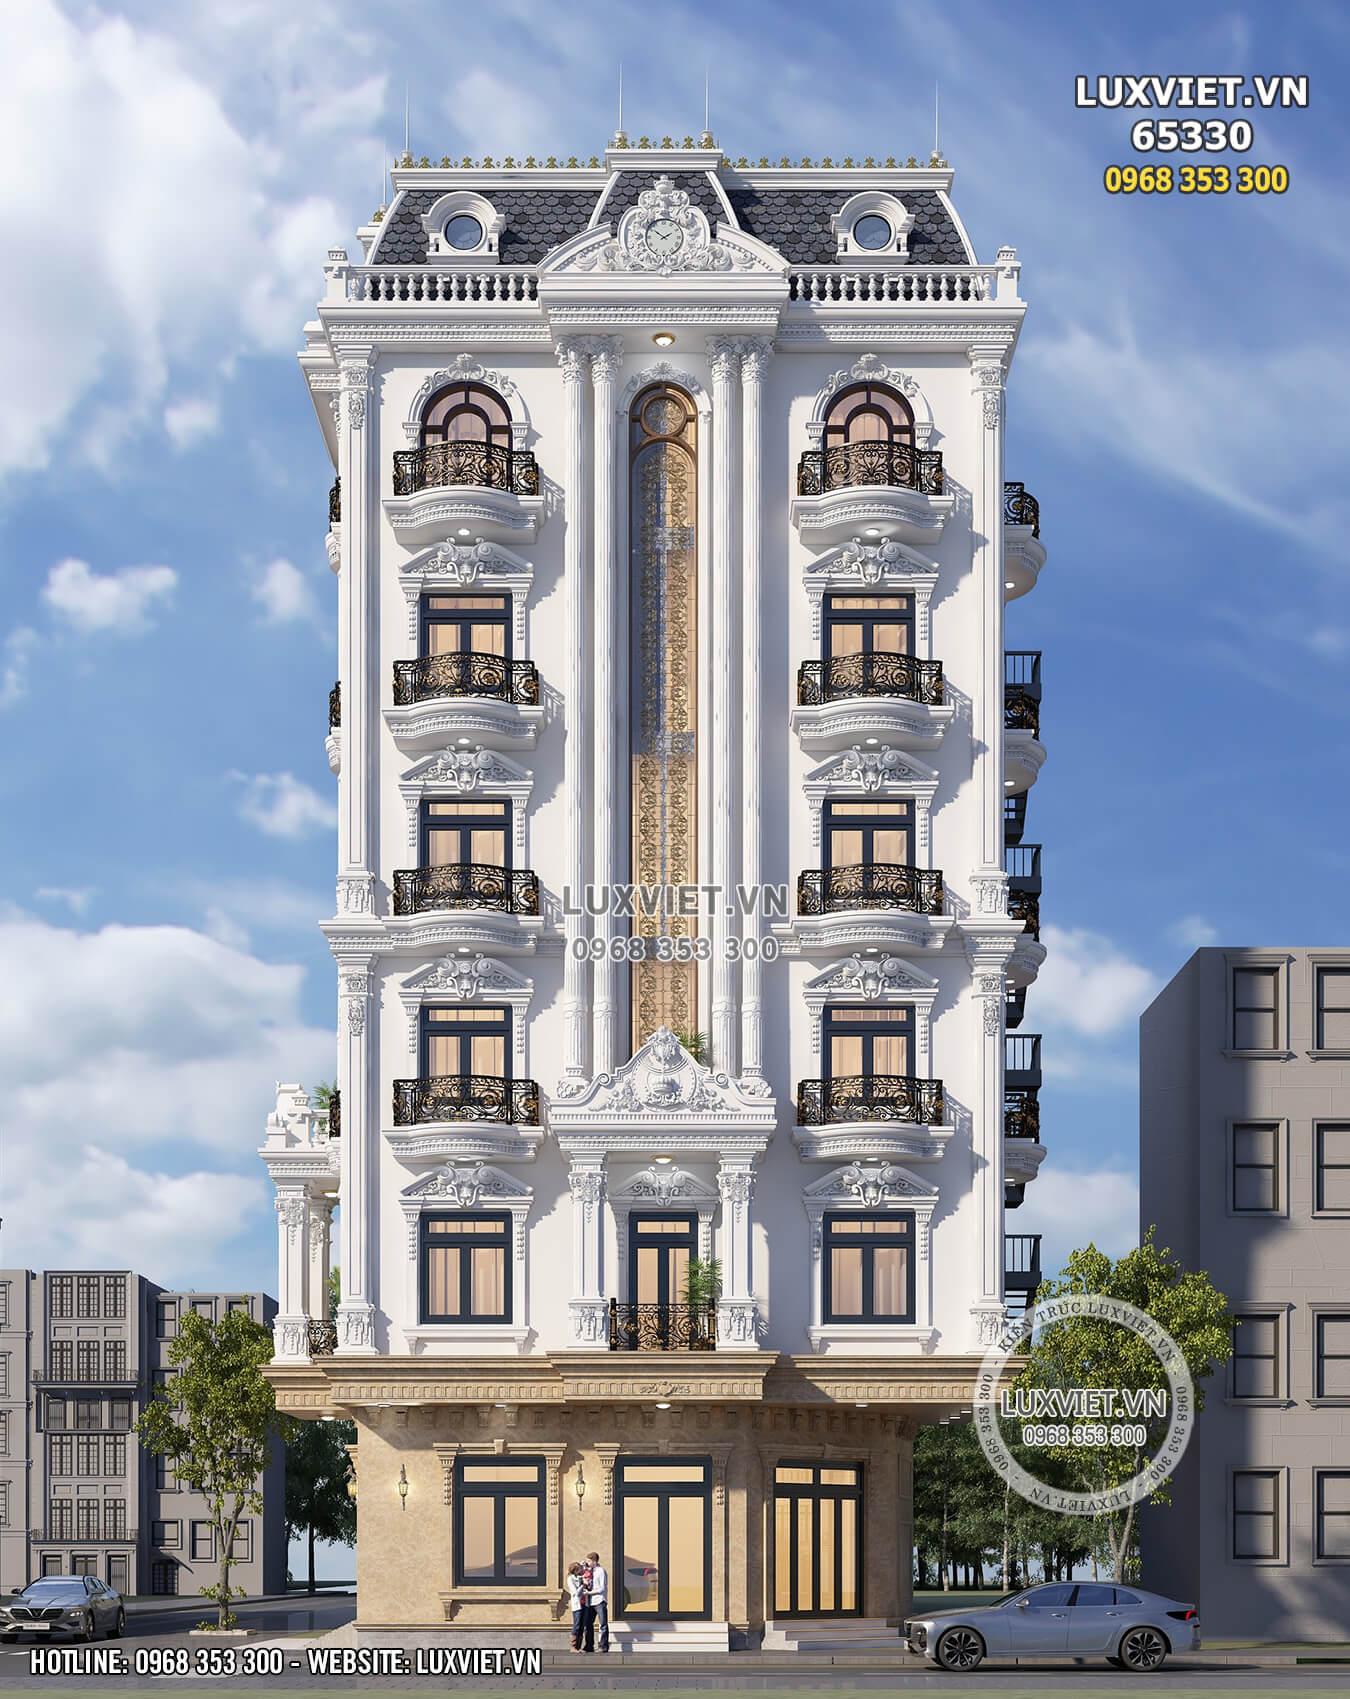 Hình ảnh: Ngắm nhìn vẻ đẹp sang trọng và đẳng cấp của tòa nhà 7 tầng - LV 65330